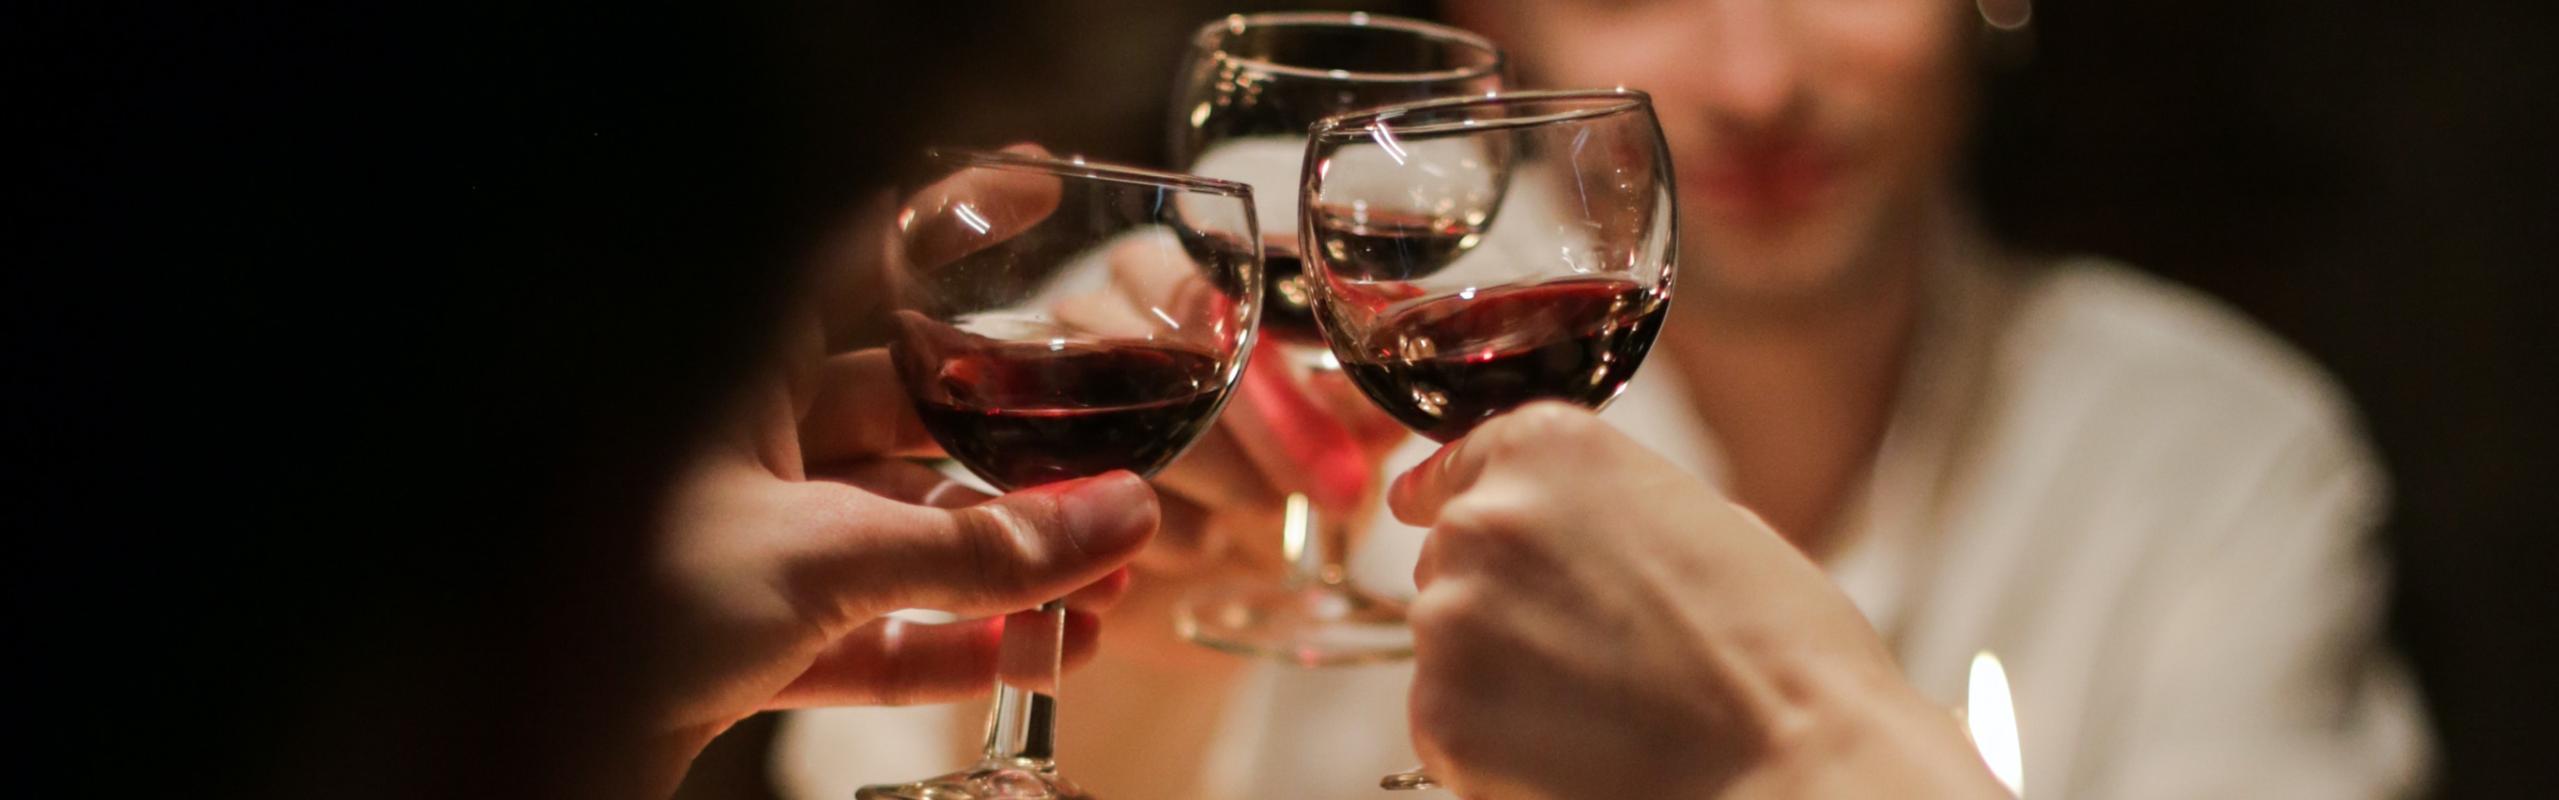 Cómo se clasifican los tipos de vino